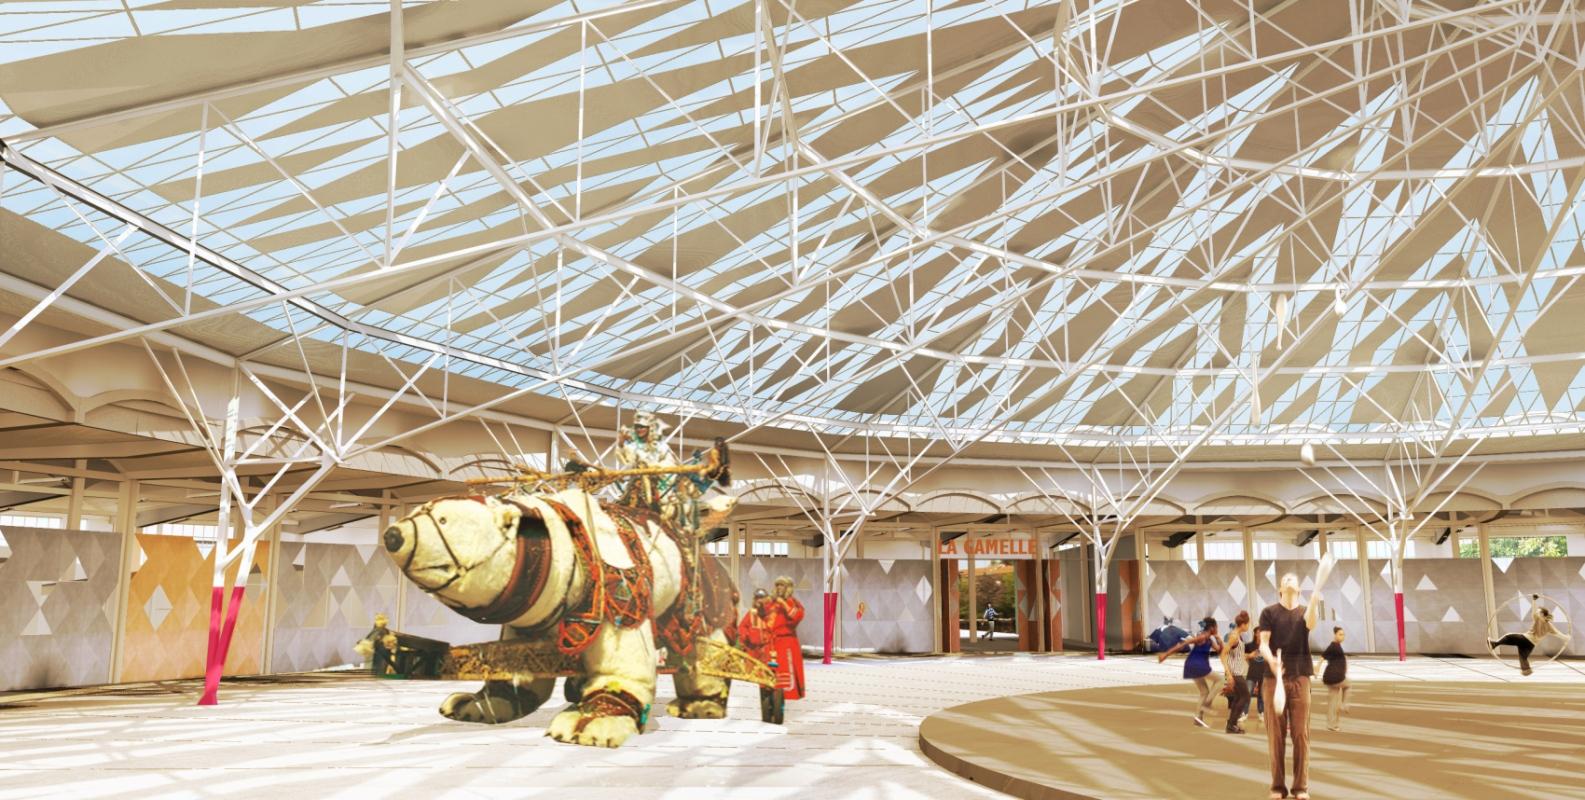 dumas-architectures Lyon - Des artistes en résidence en répétition sous le parapluie de la place des spectacles.